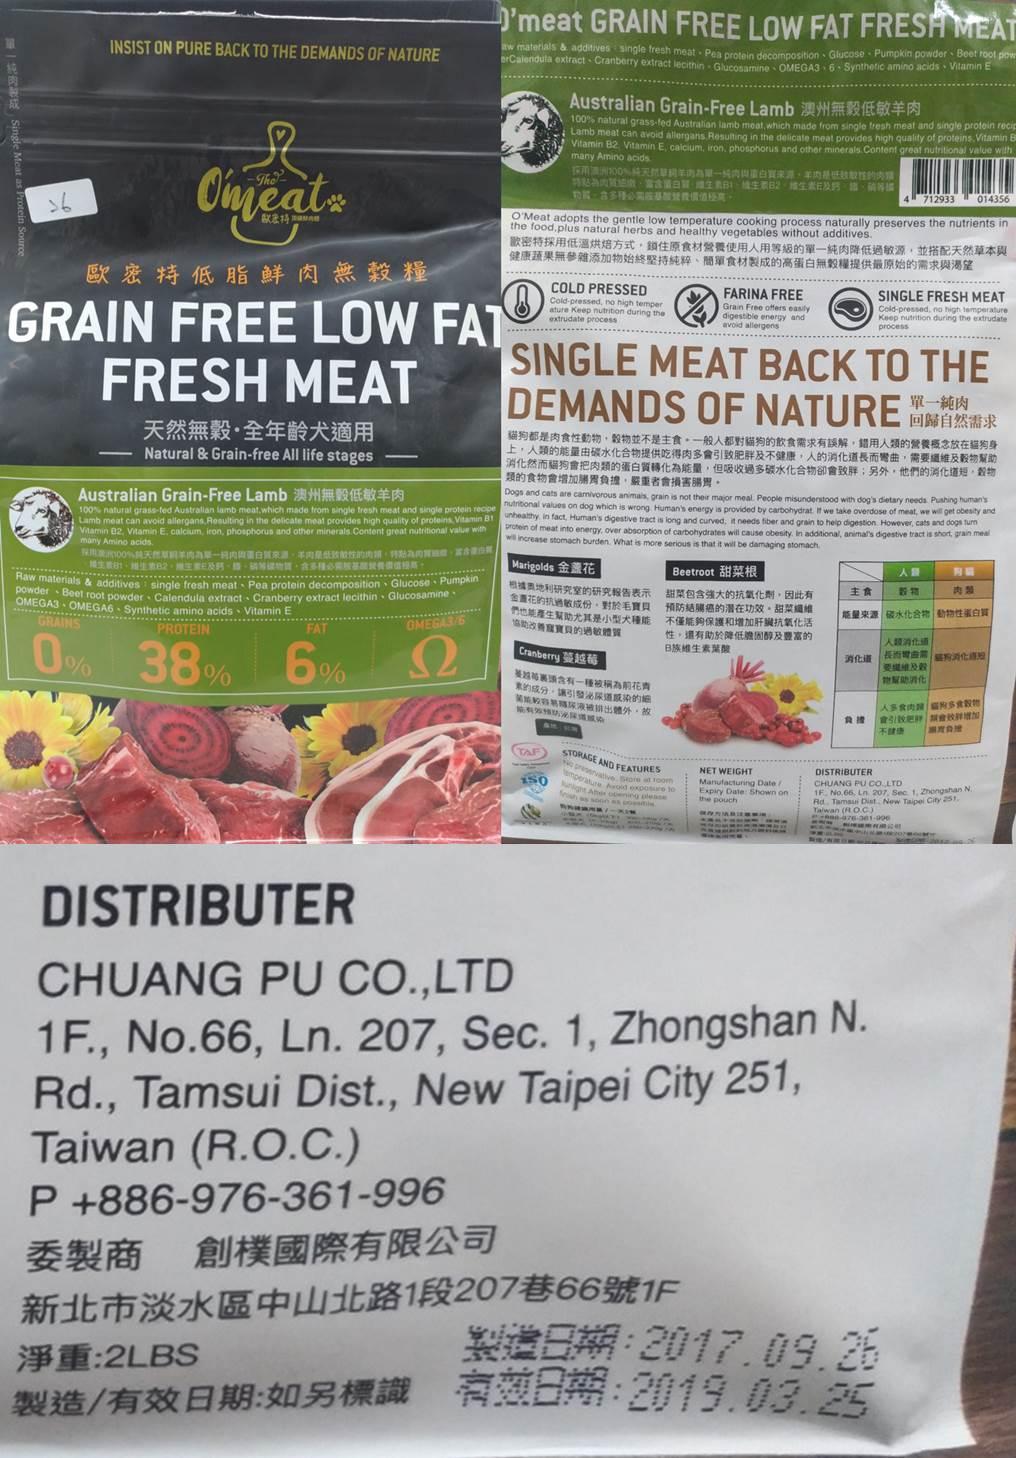 創樸國際有限公司製造販賣「歐密特低脂鮮肉無穀糧-澳洲無穀低敏羊肉」